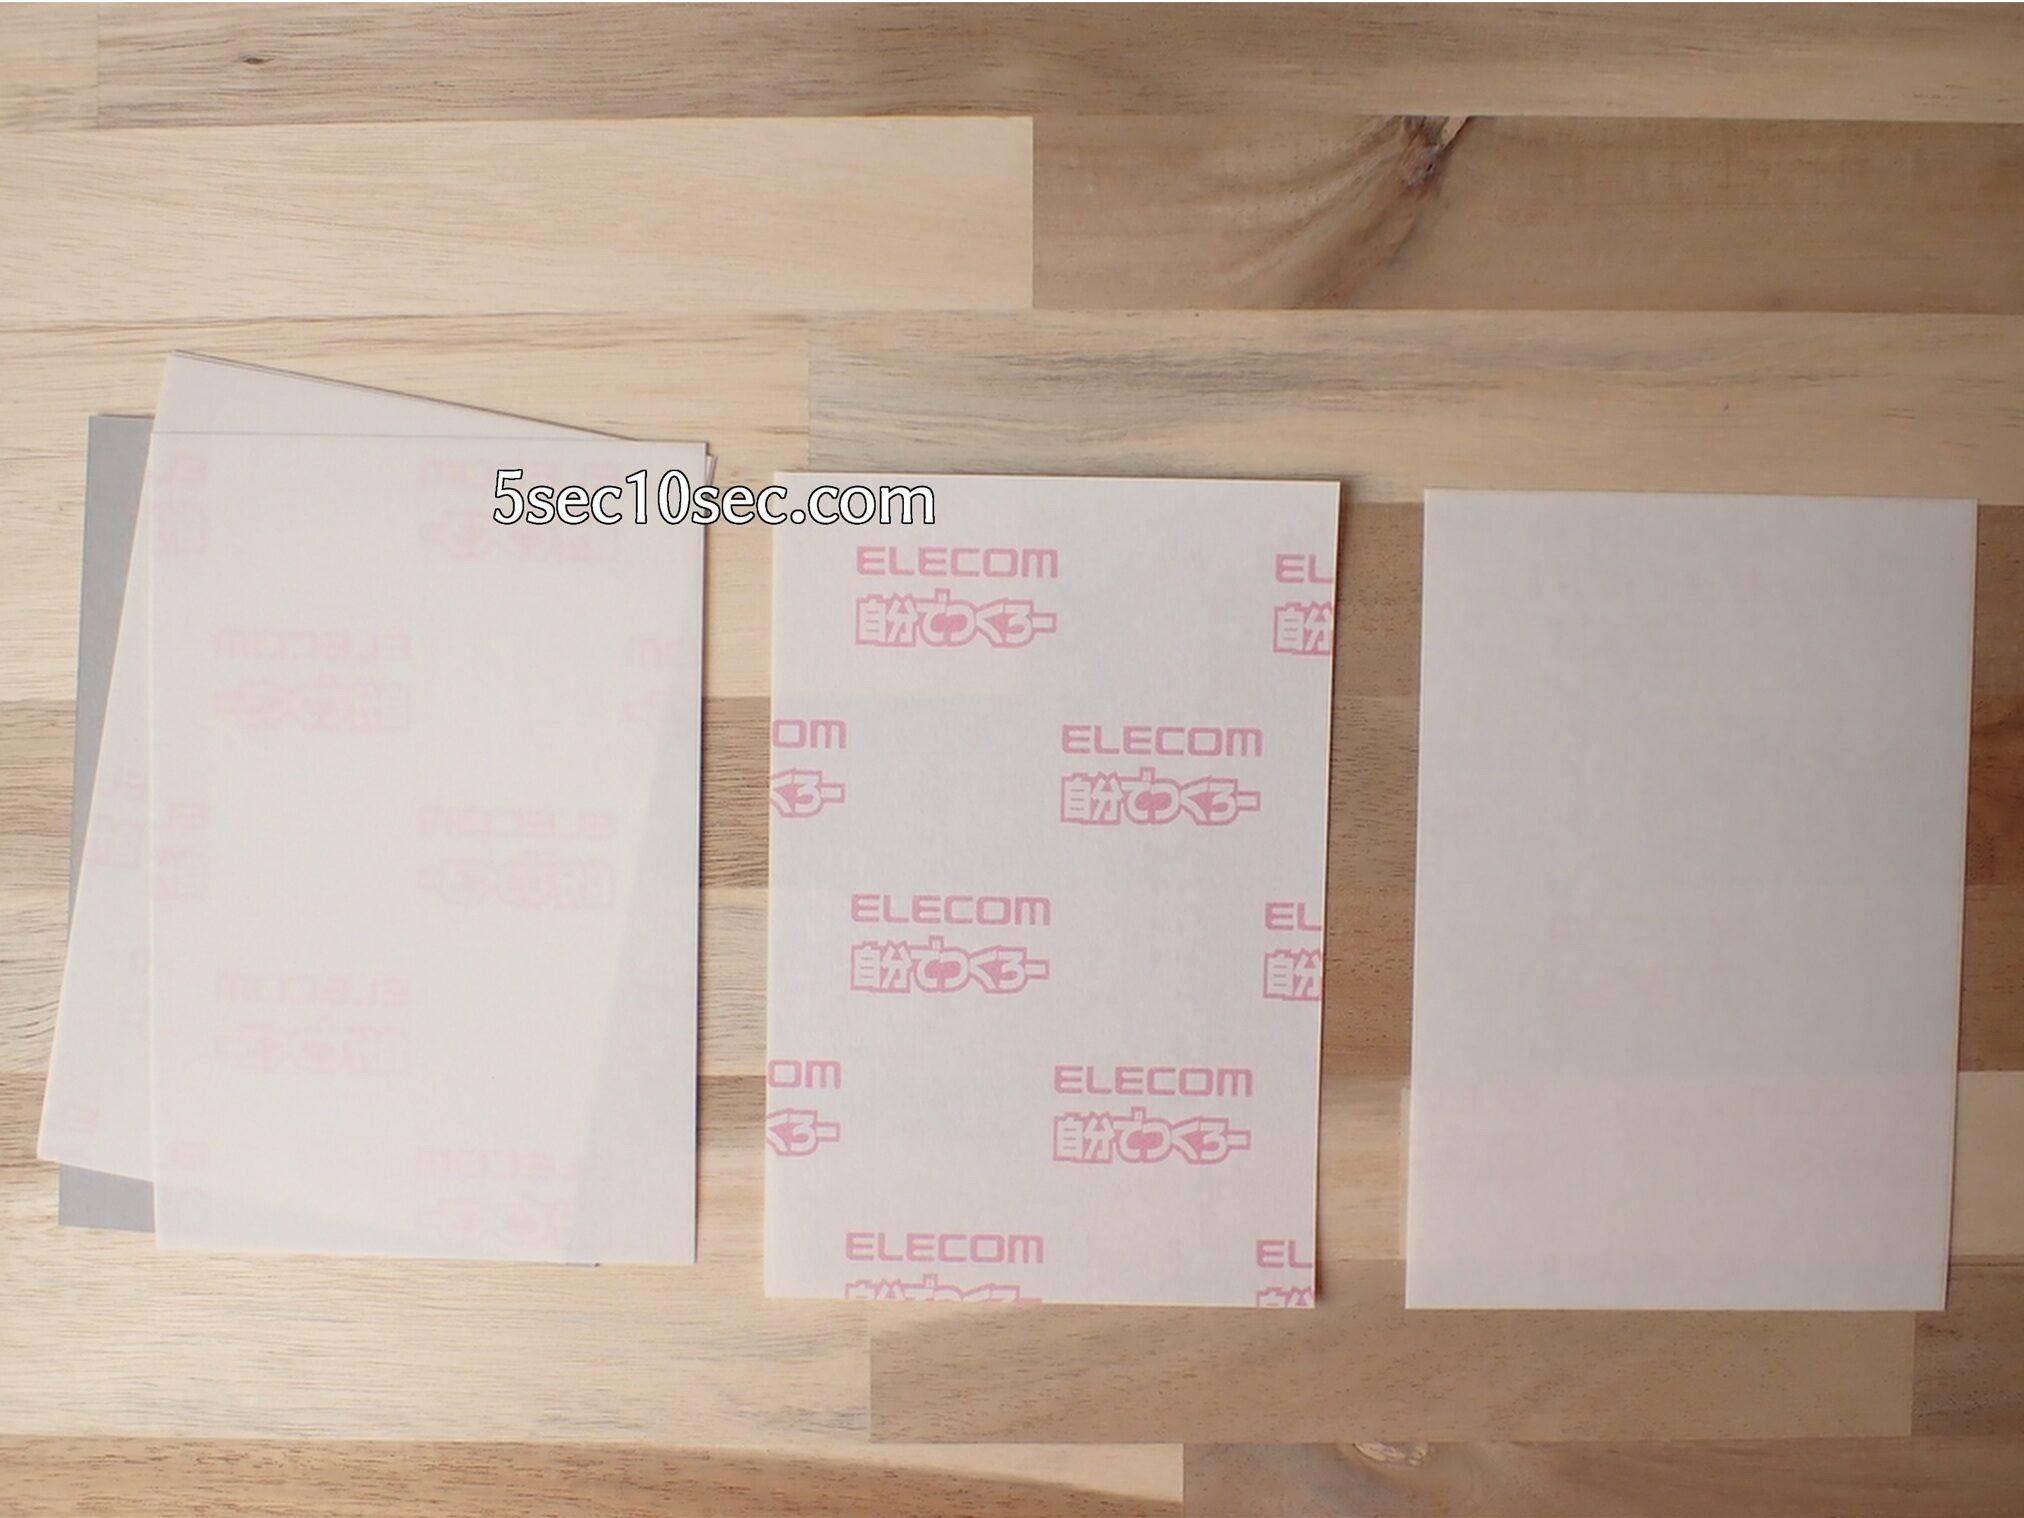 エレコム ELECOM アイロンプリントペーパー 白・淡色用 ハガキサイズ 5枚入り EJP-WPNH1 中に入っているものの全て